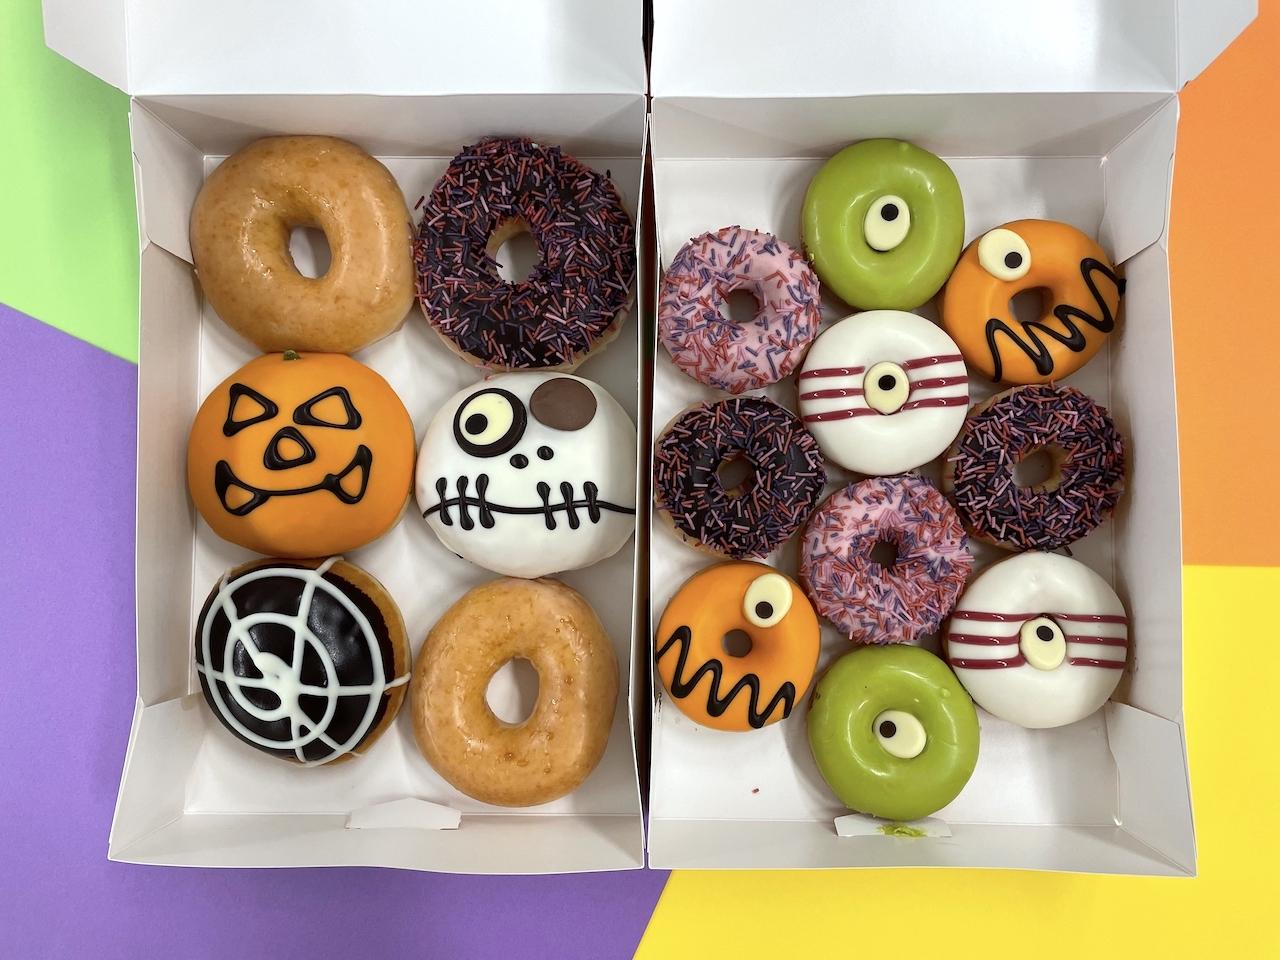 【食レポ】今年のハロウィンはクリスピー・クリーム・ドーナツの『KRISPY KREME SKREMES!』💀🍩💗